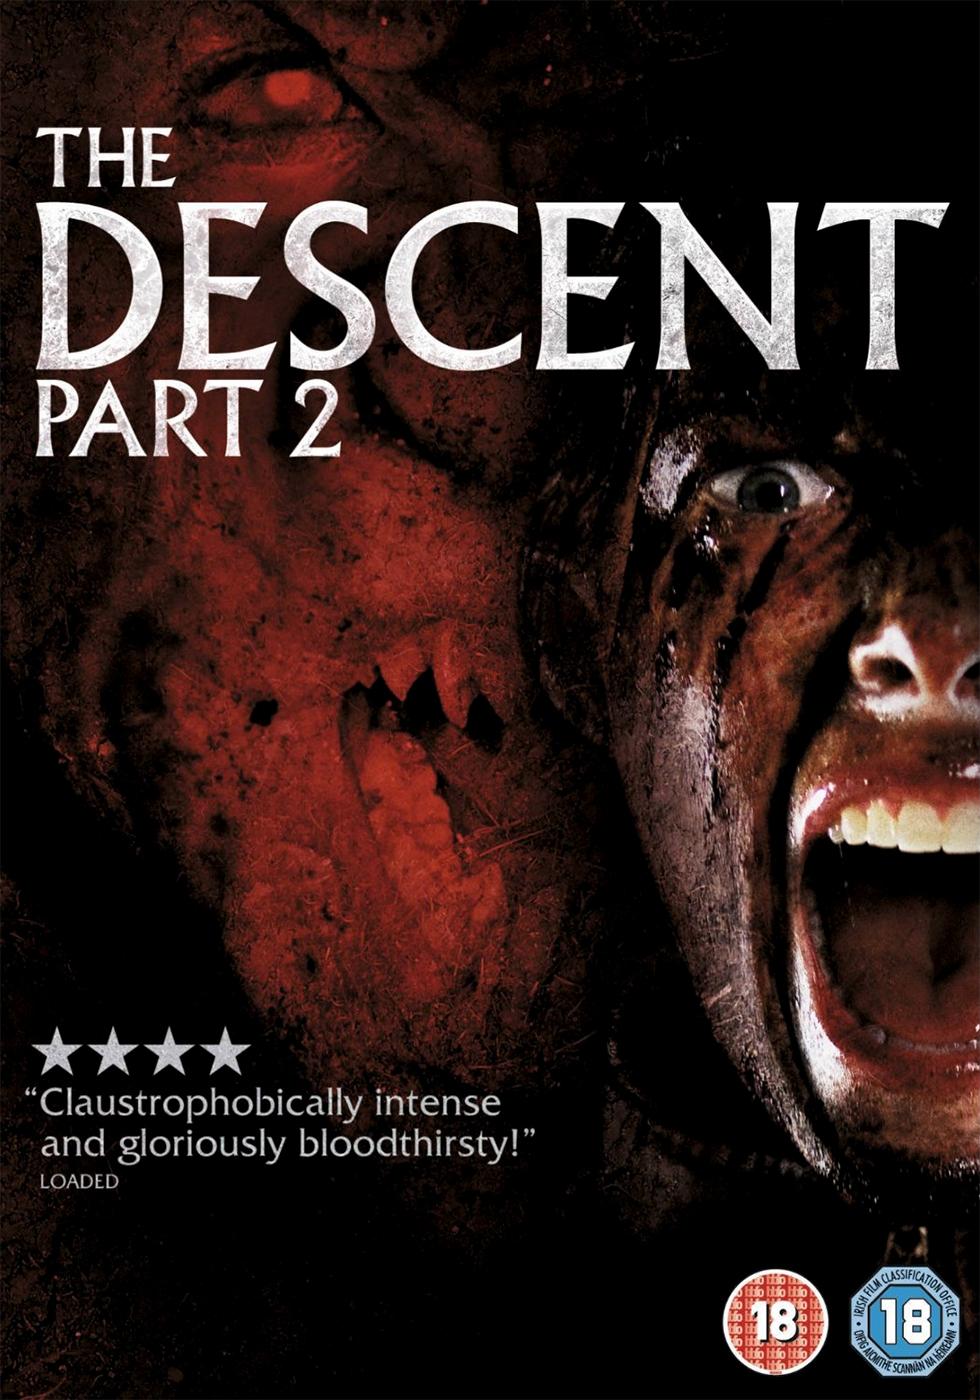 descent 2 full movie free